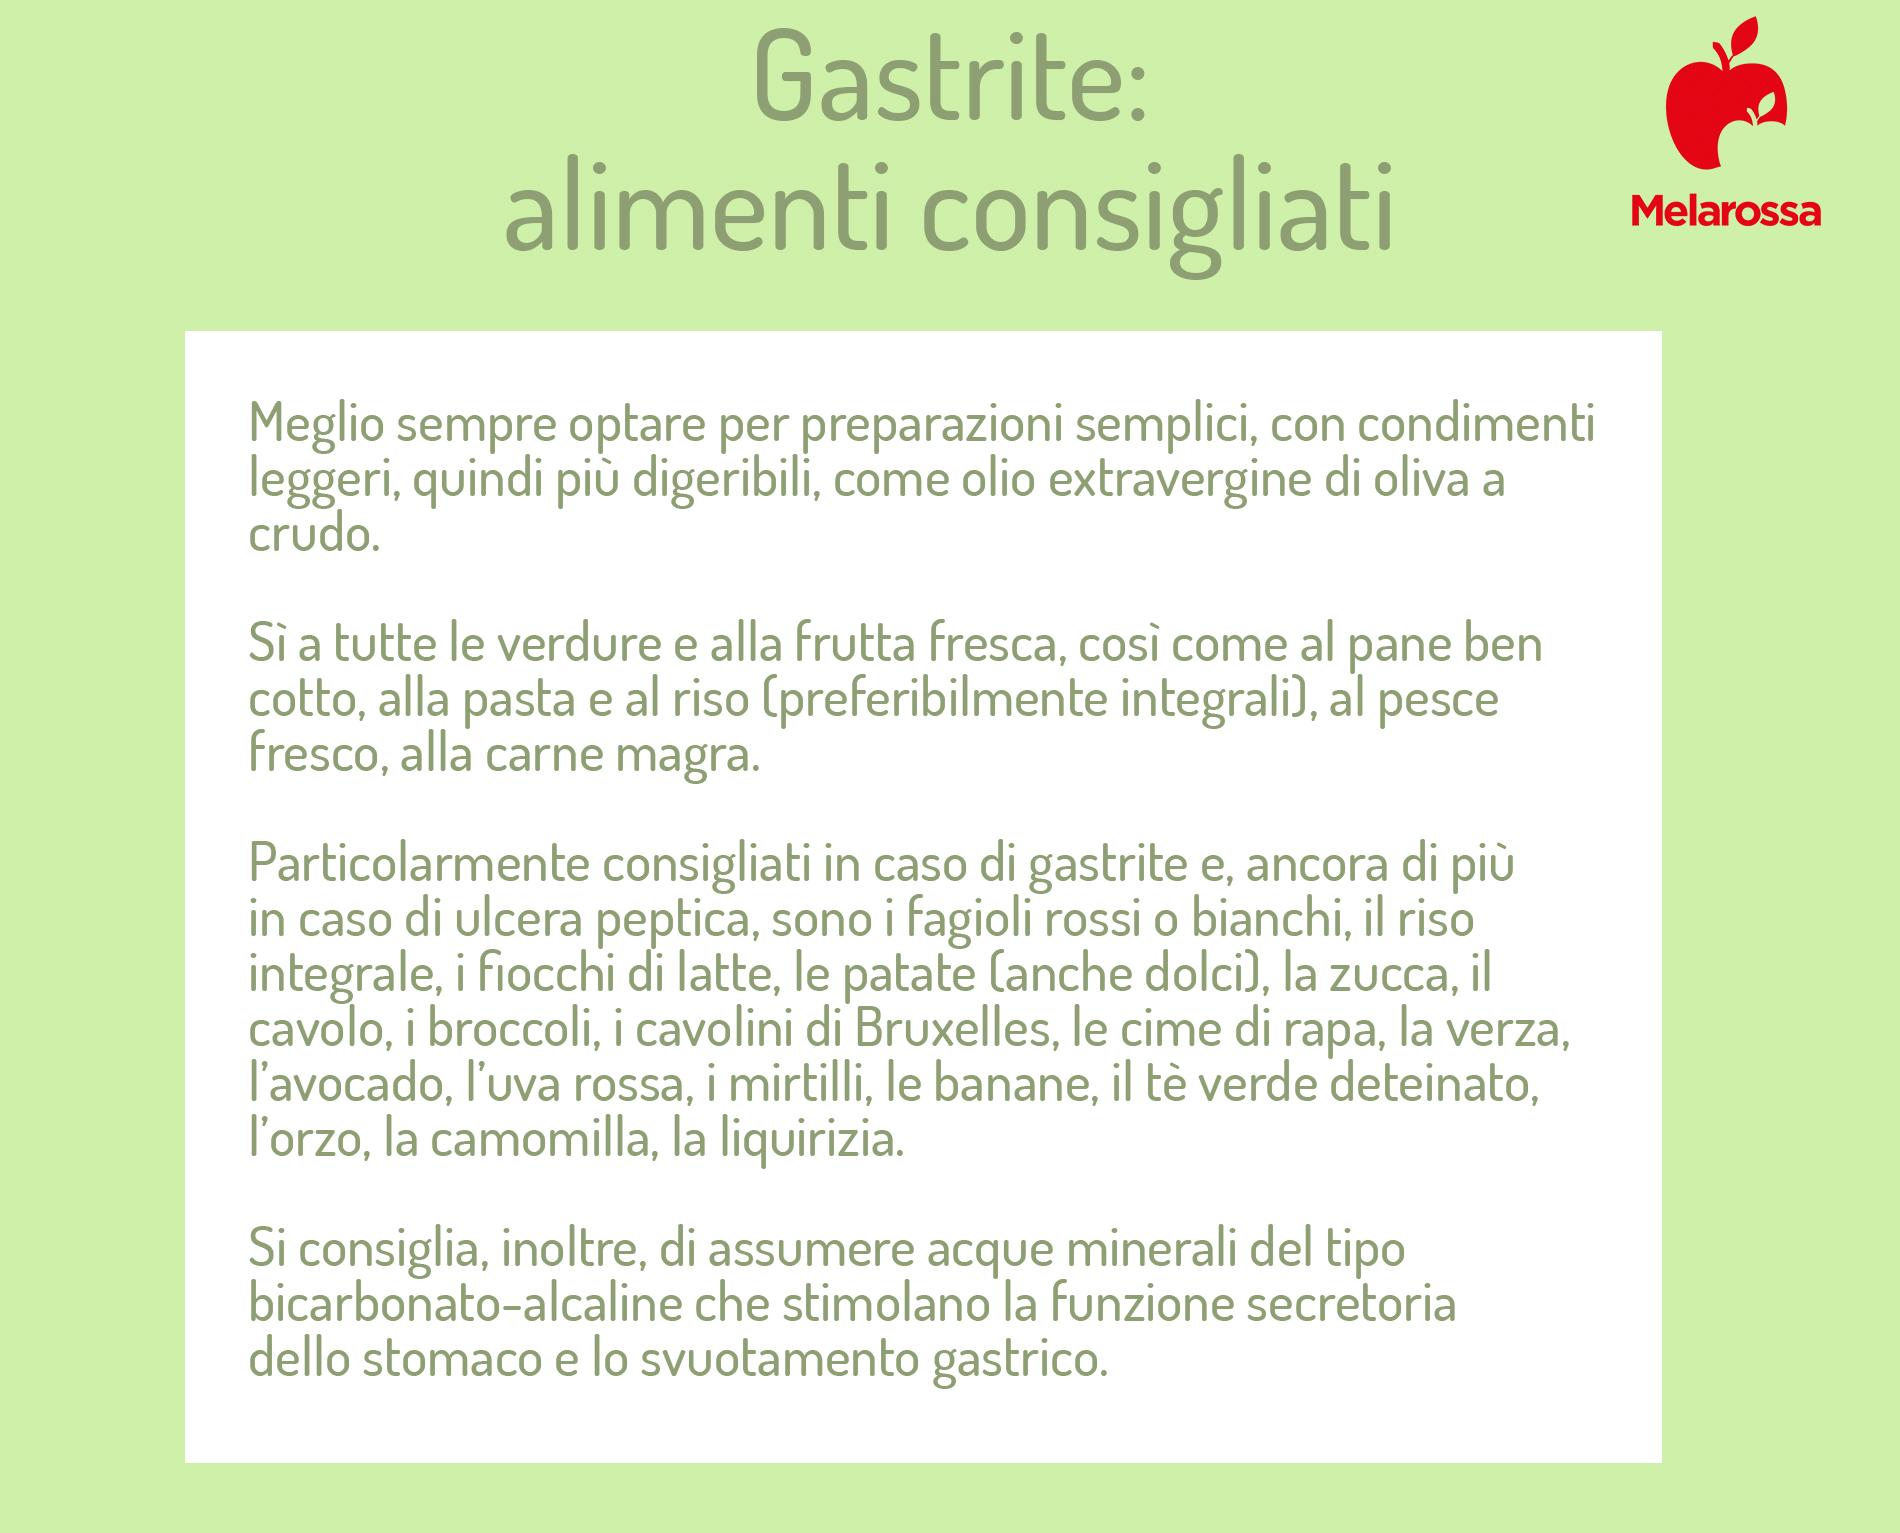 gastrite: alimenti consentiti